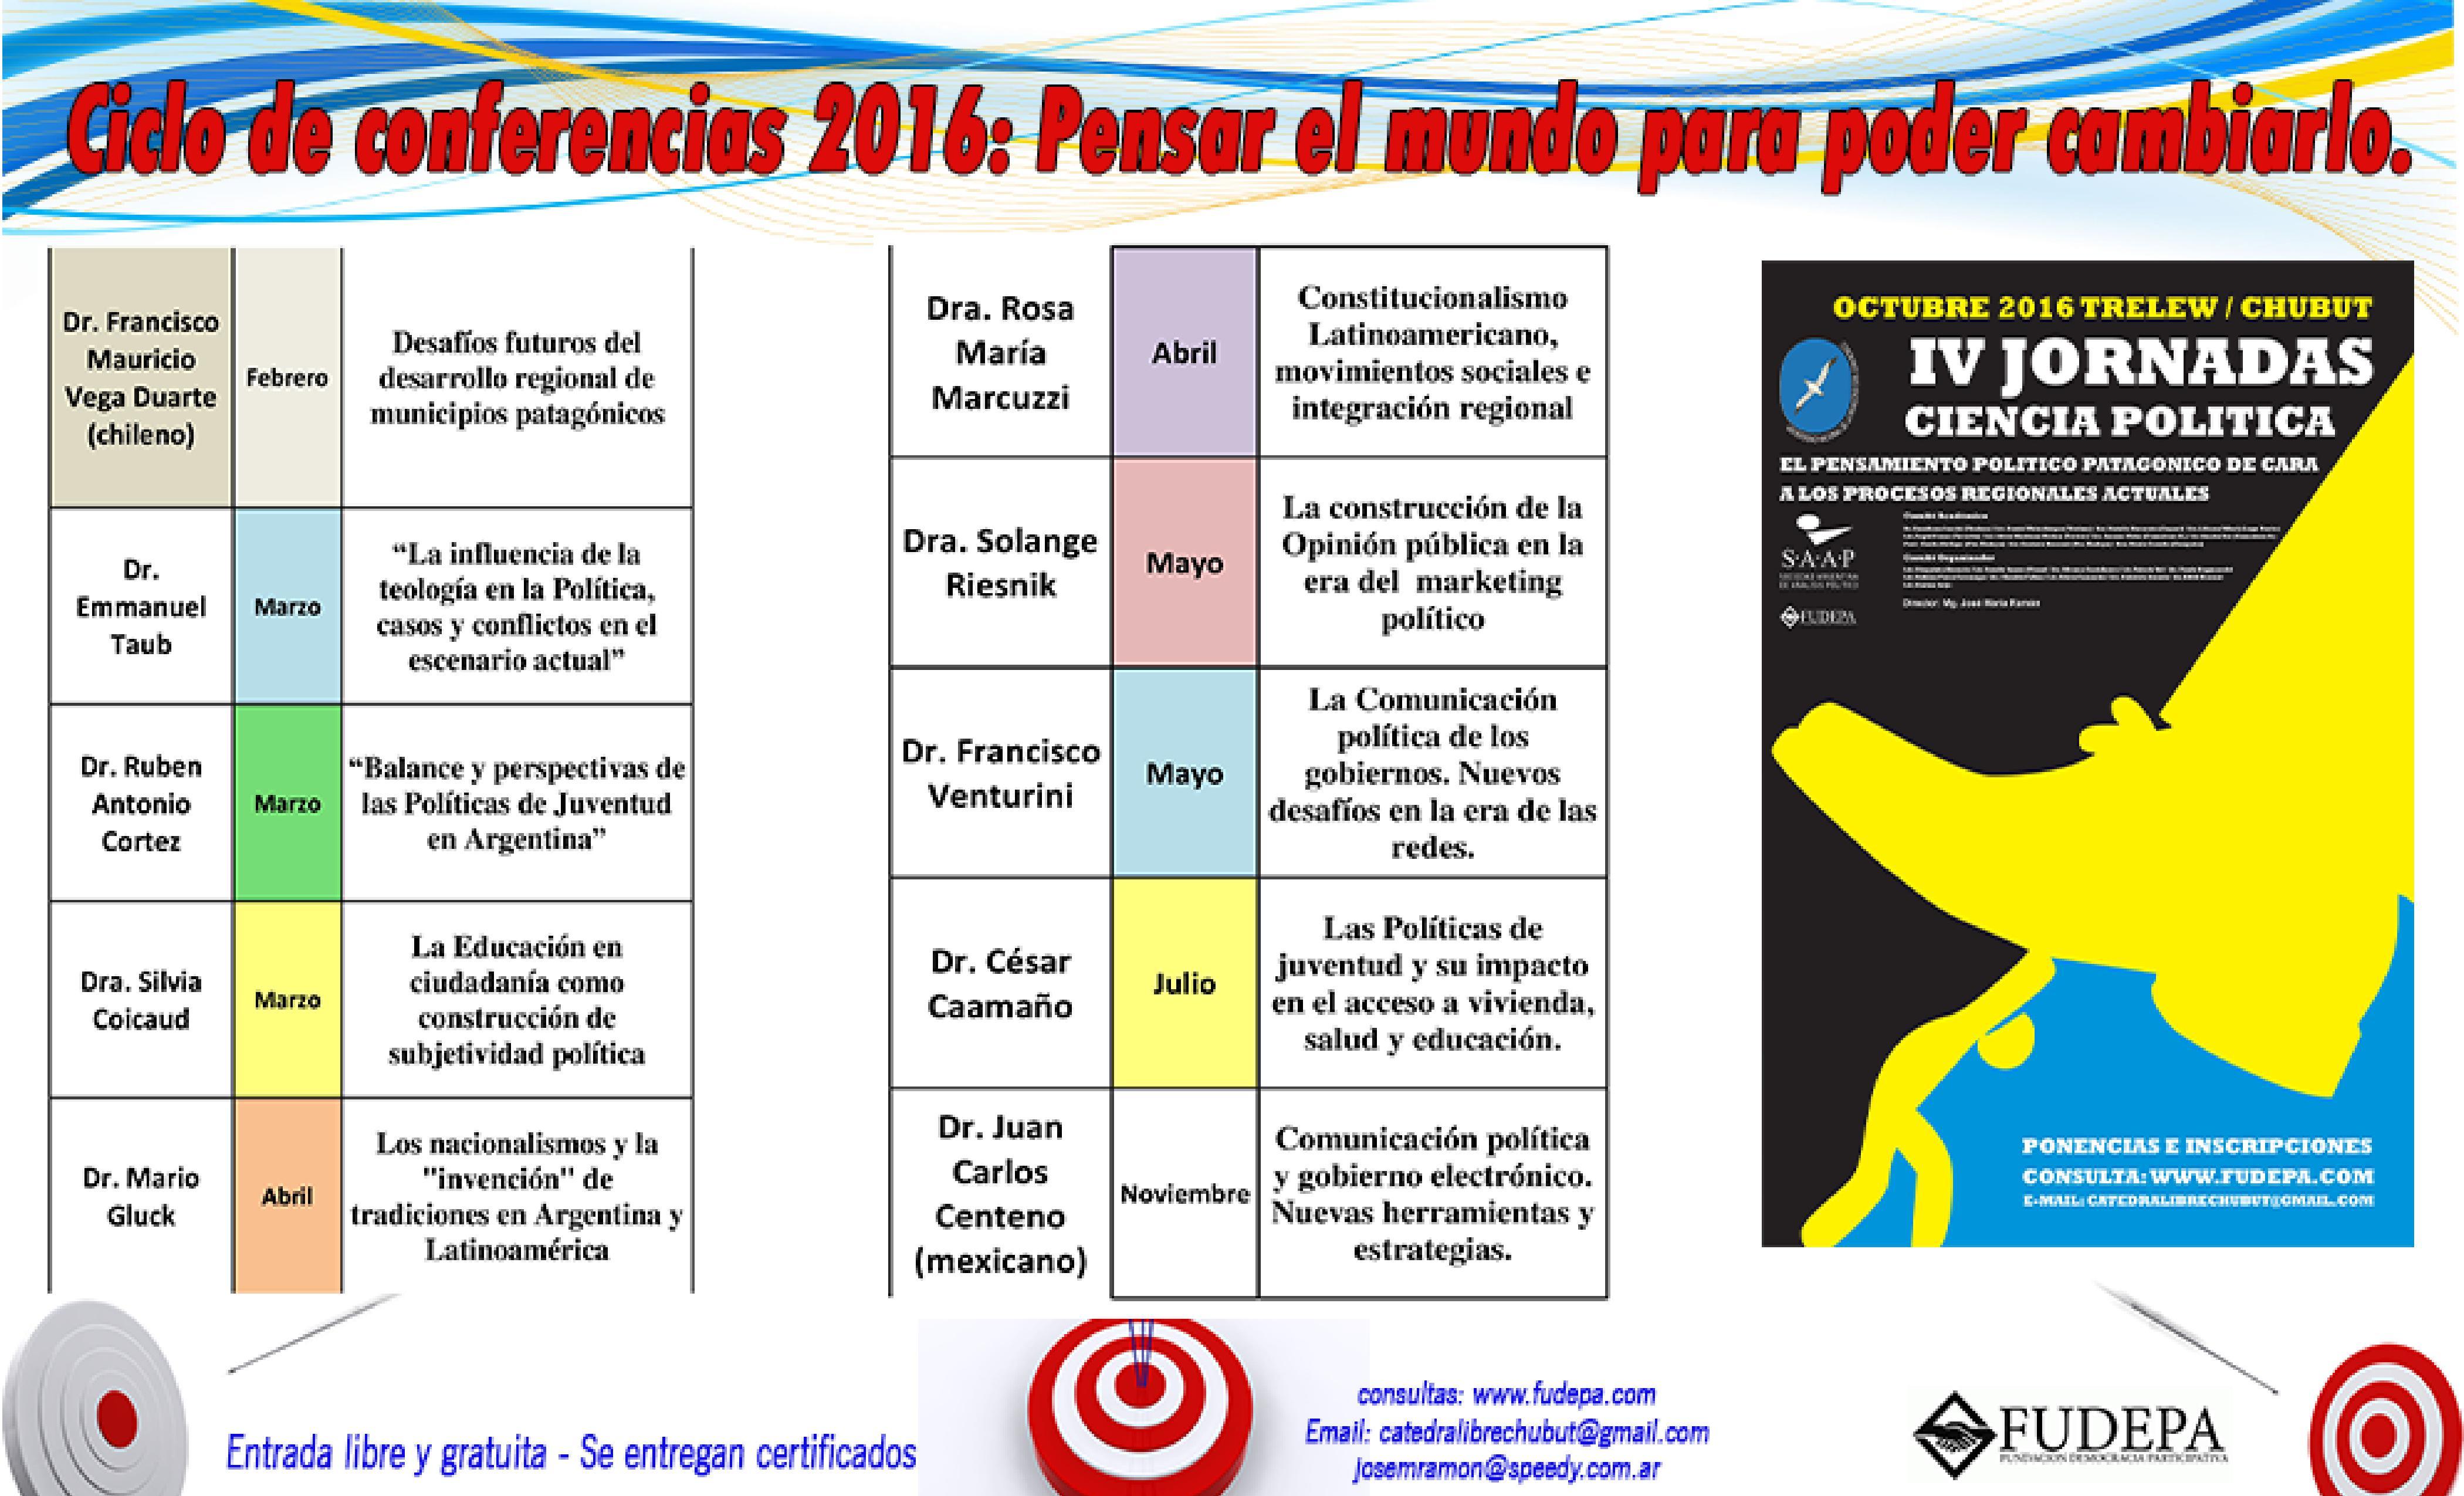 folleto anual catedra libre